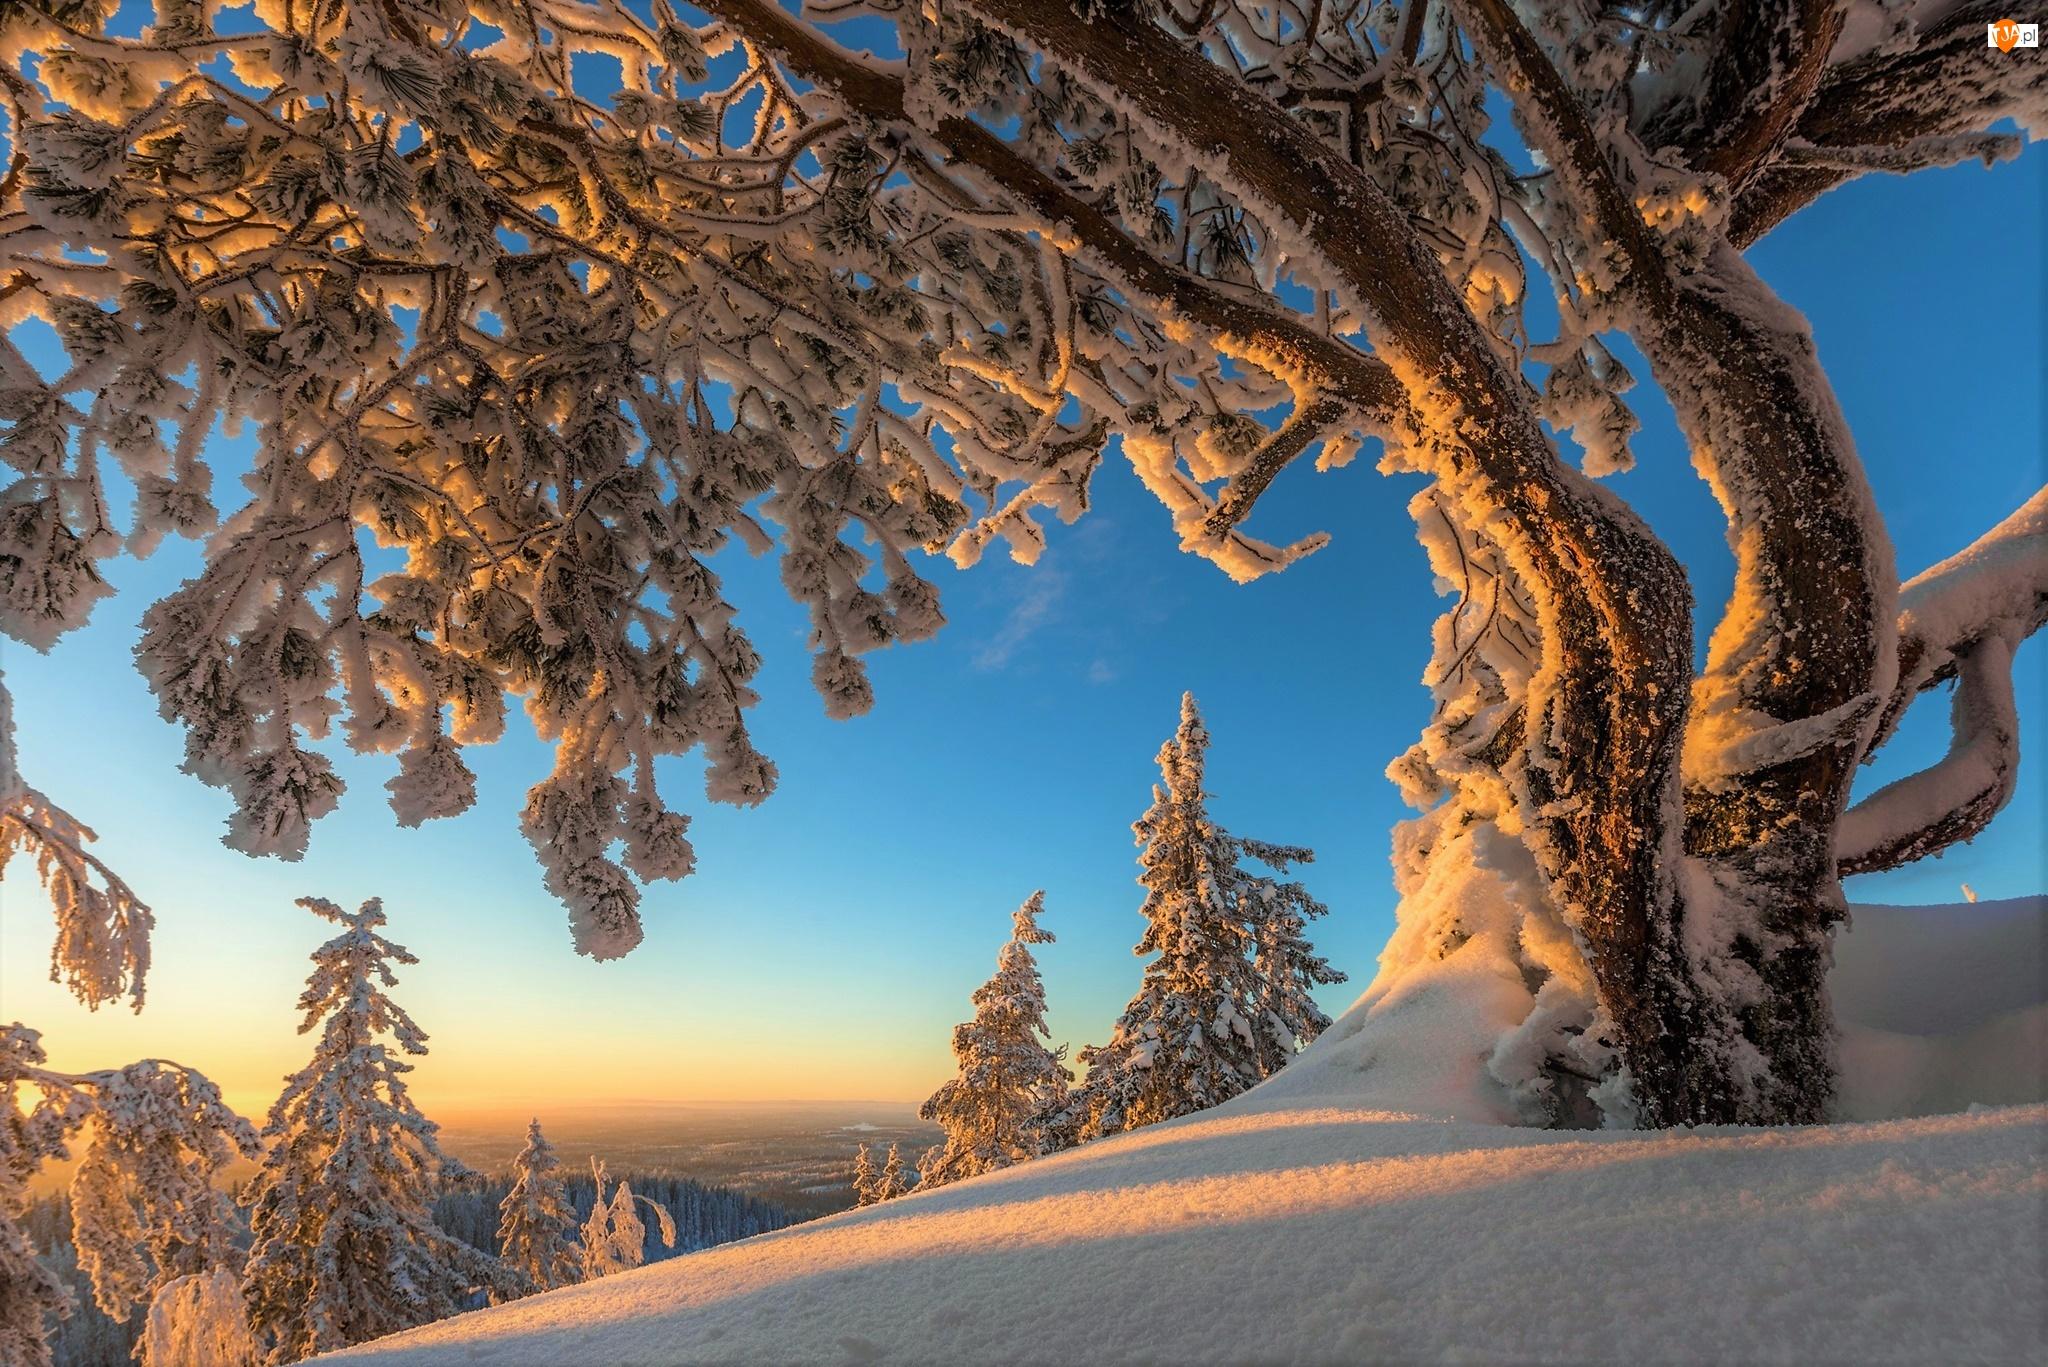 Drzewo, Zima, Karelia Północna, Finlandia, Poranek, Park Narodowy Koli, Oszronione